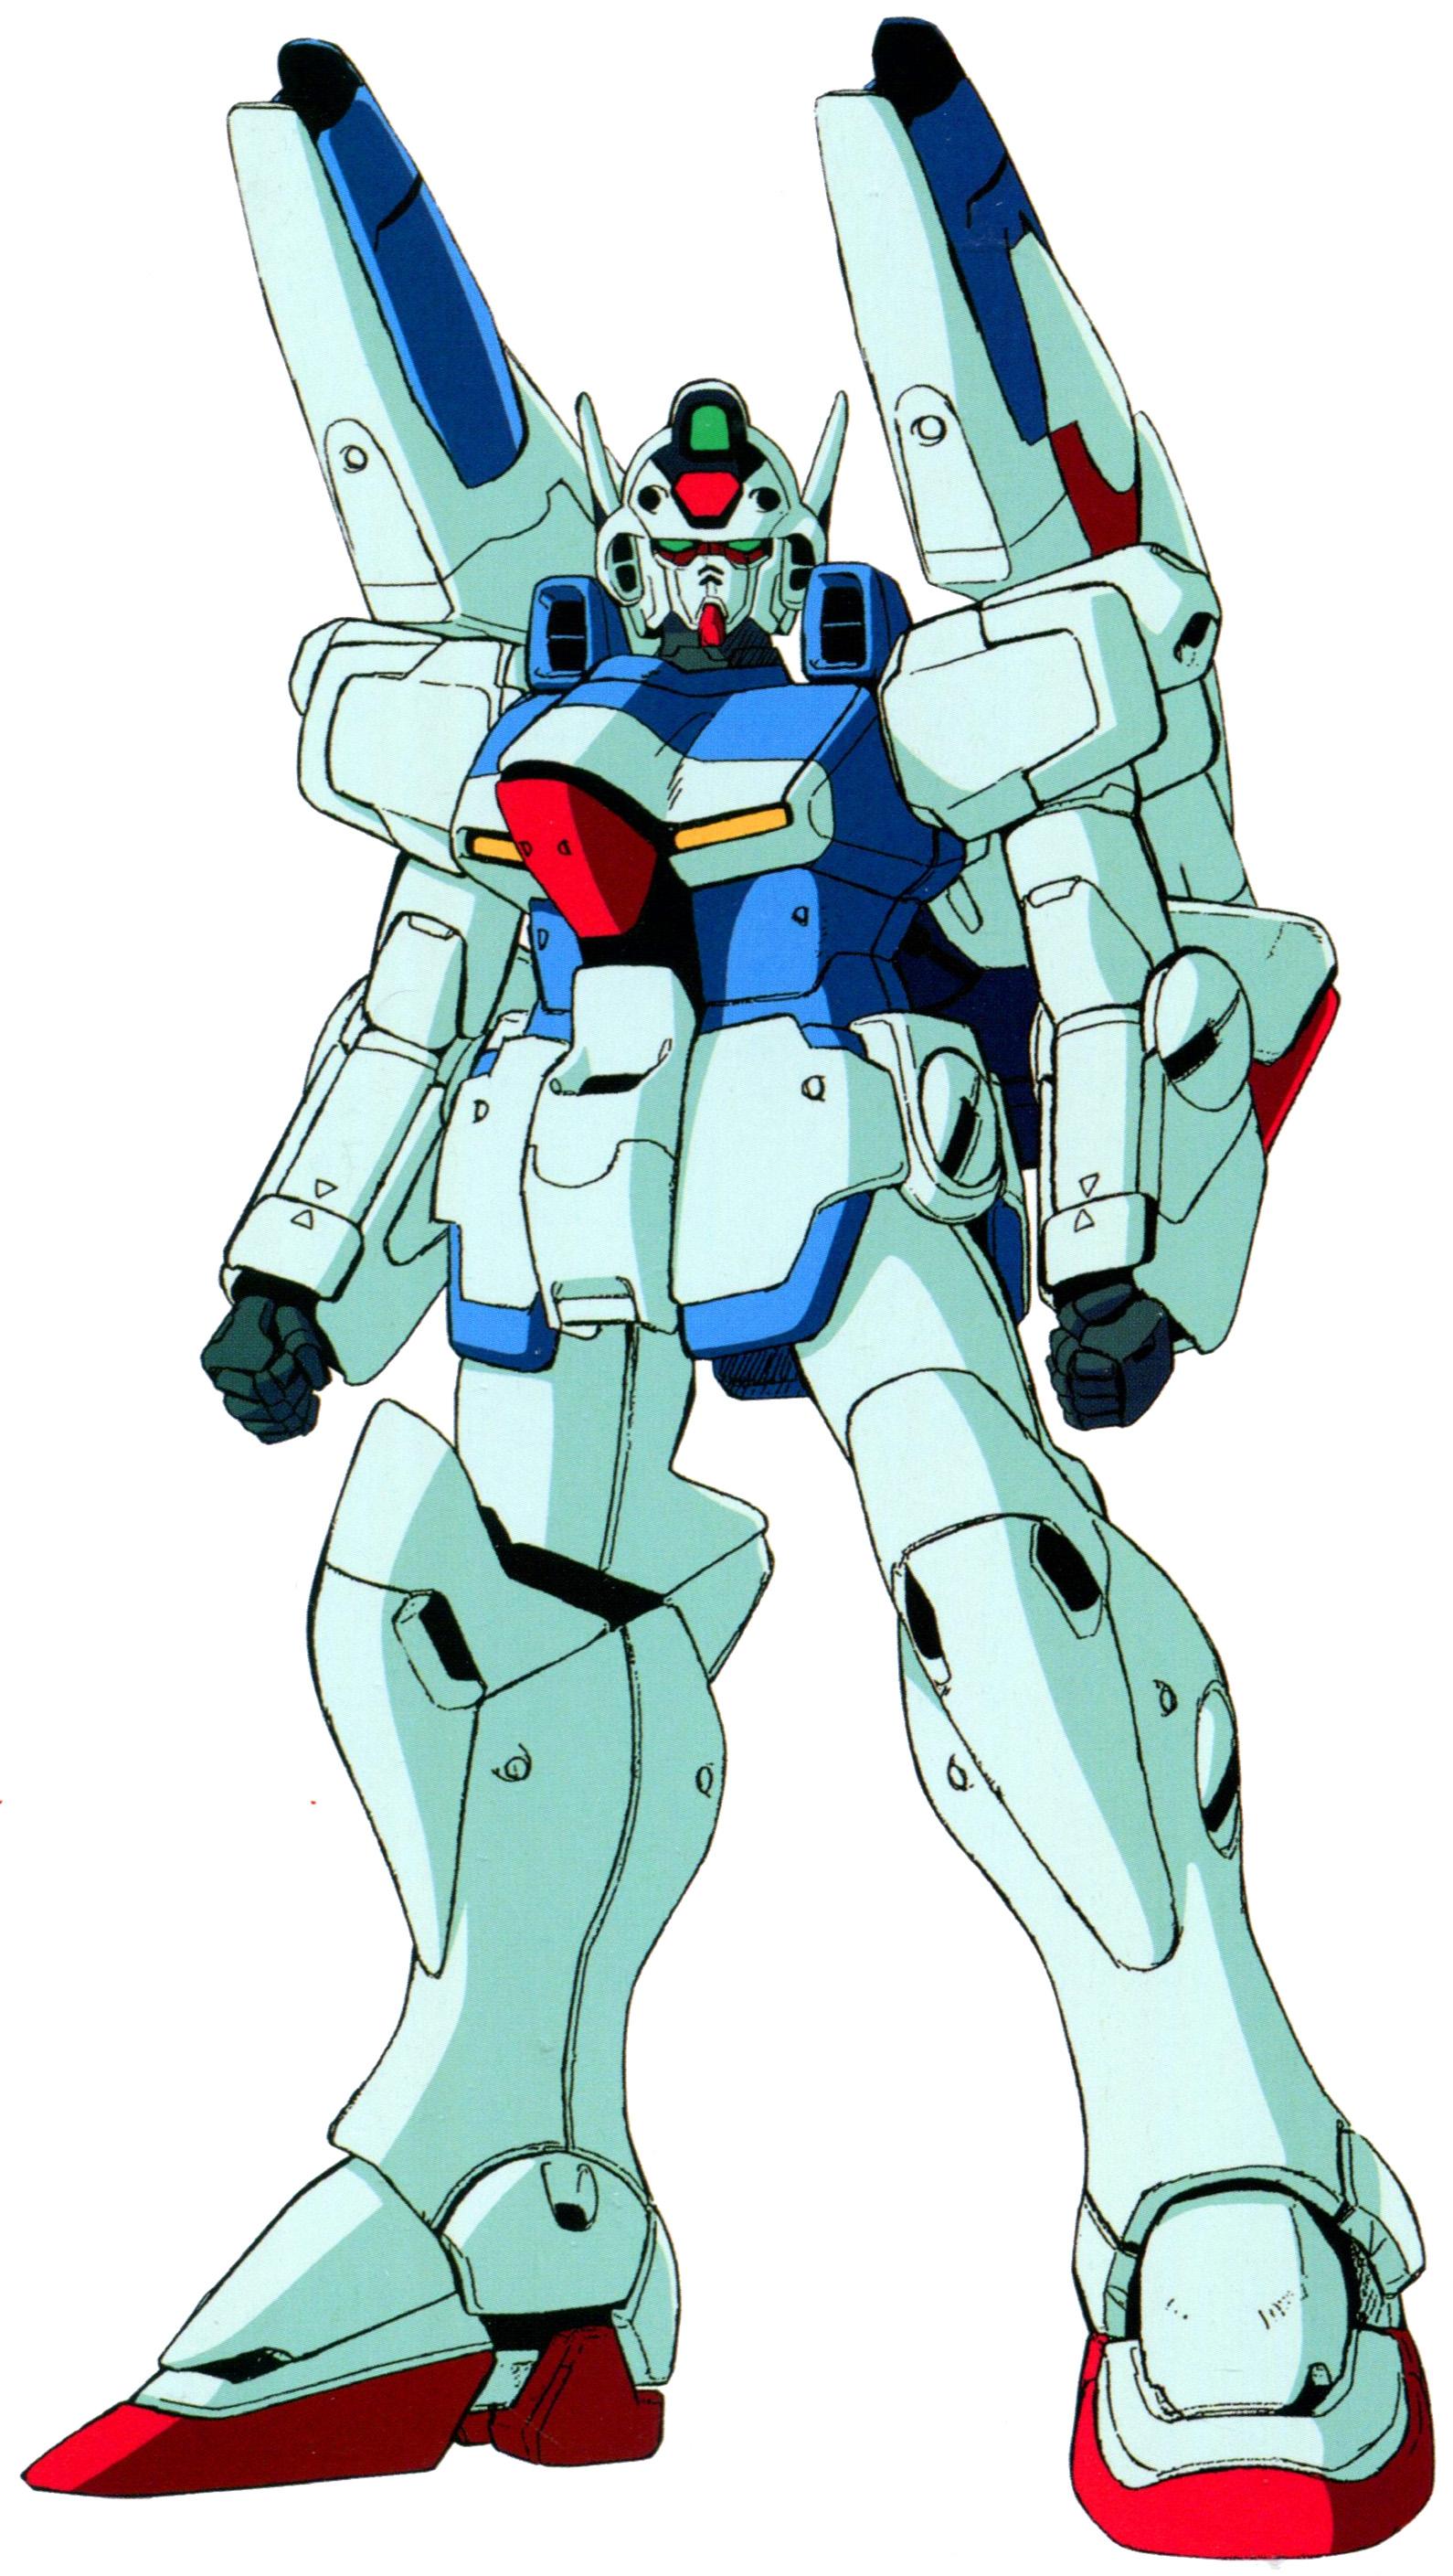 LM312V06 SD-VB03A V-Dash Gundam Hexa